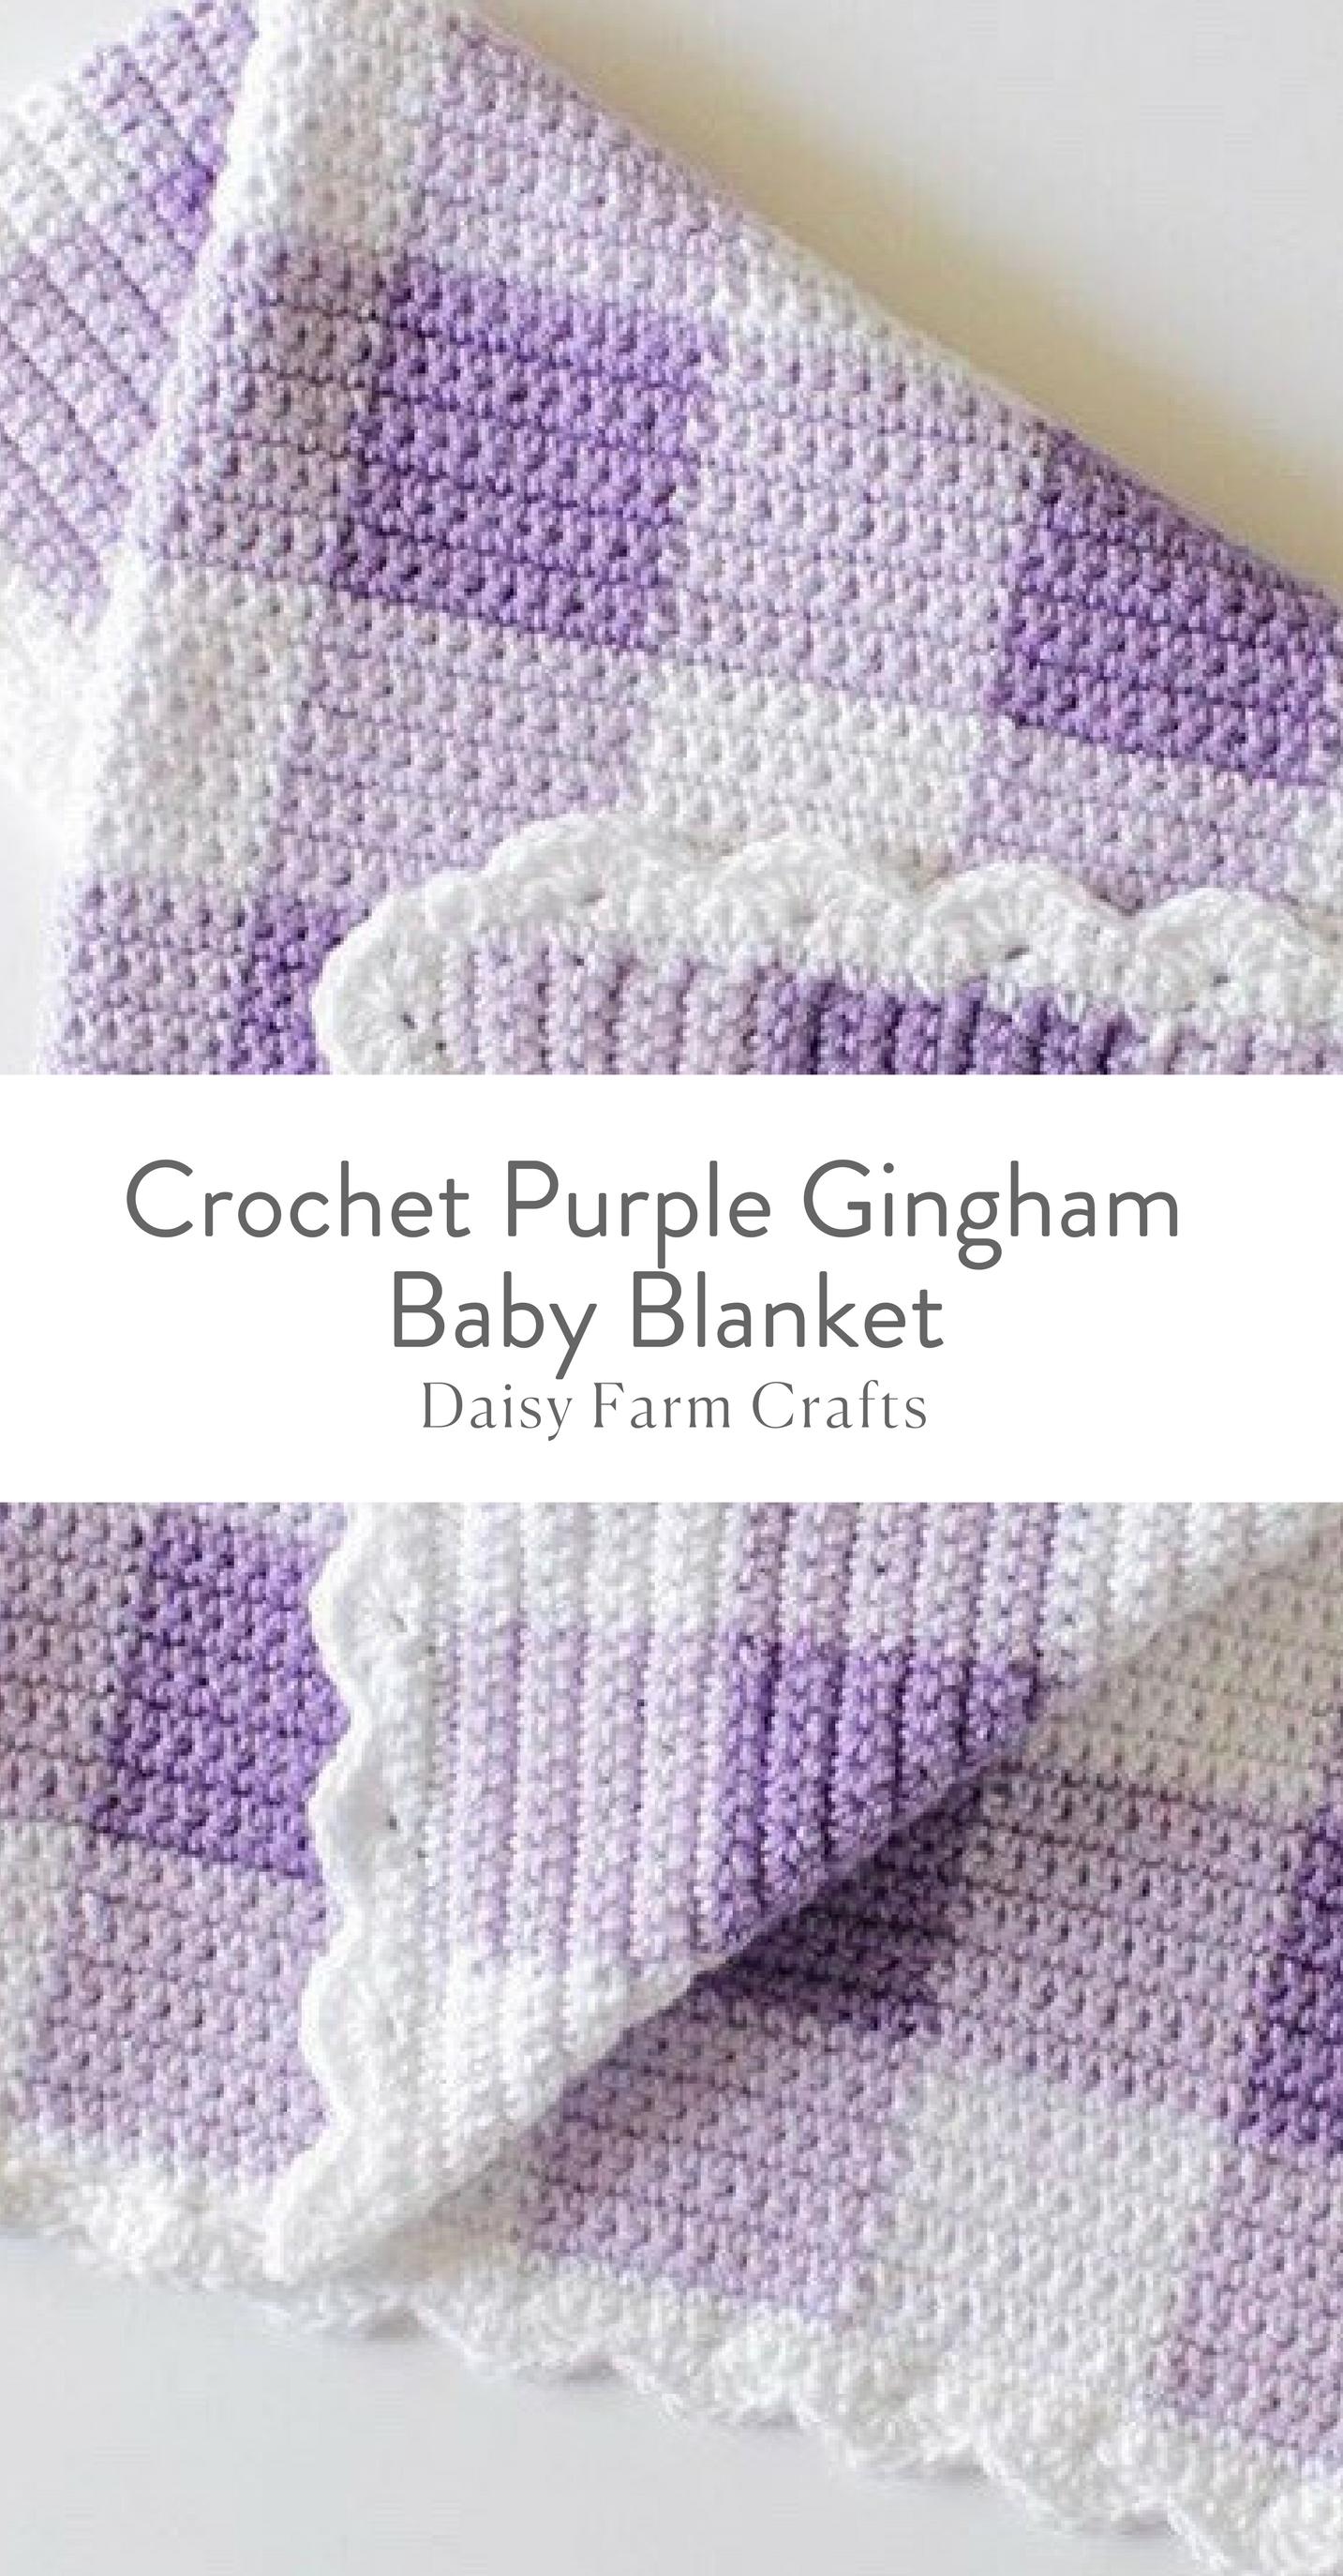 Free Pattern - Crochet Purple Gingham Baby Blanket | crochet ...